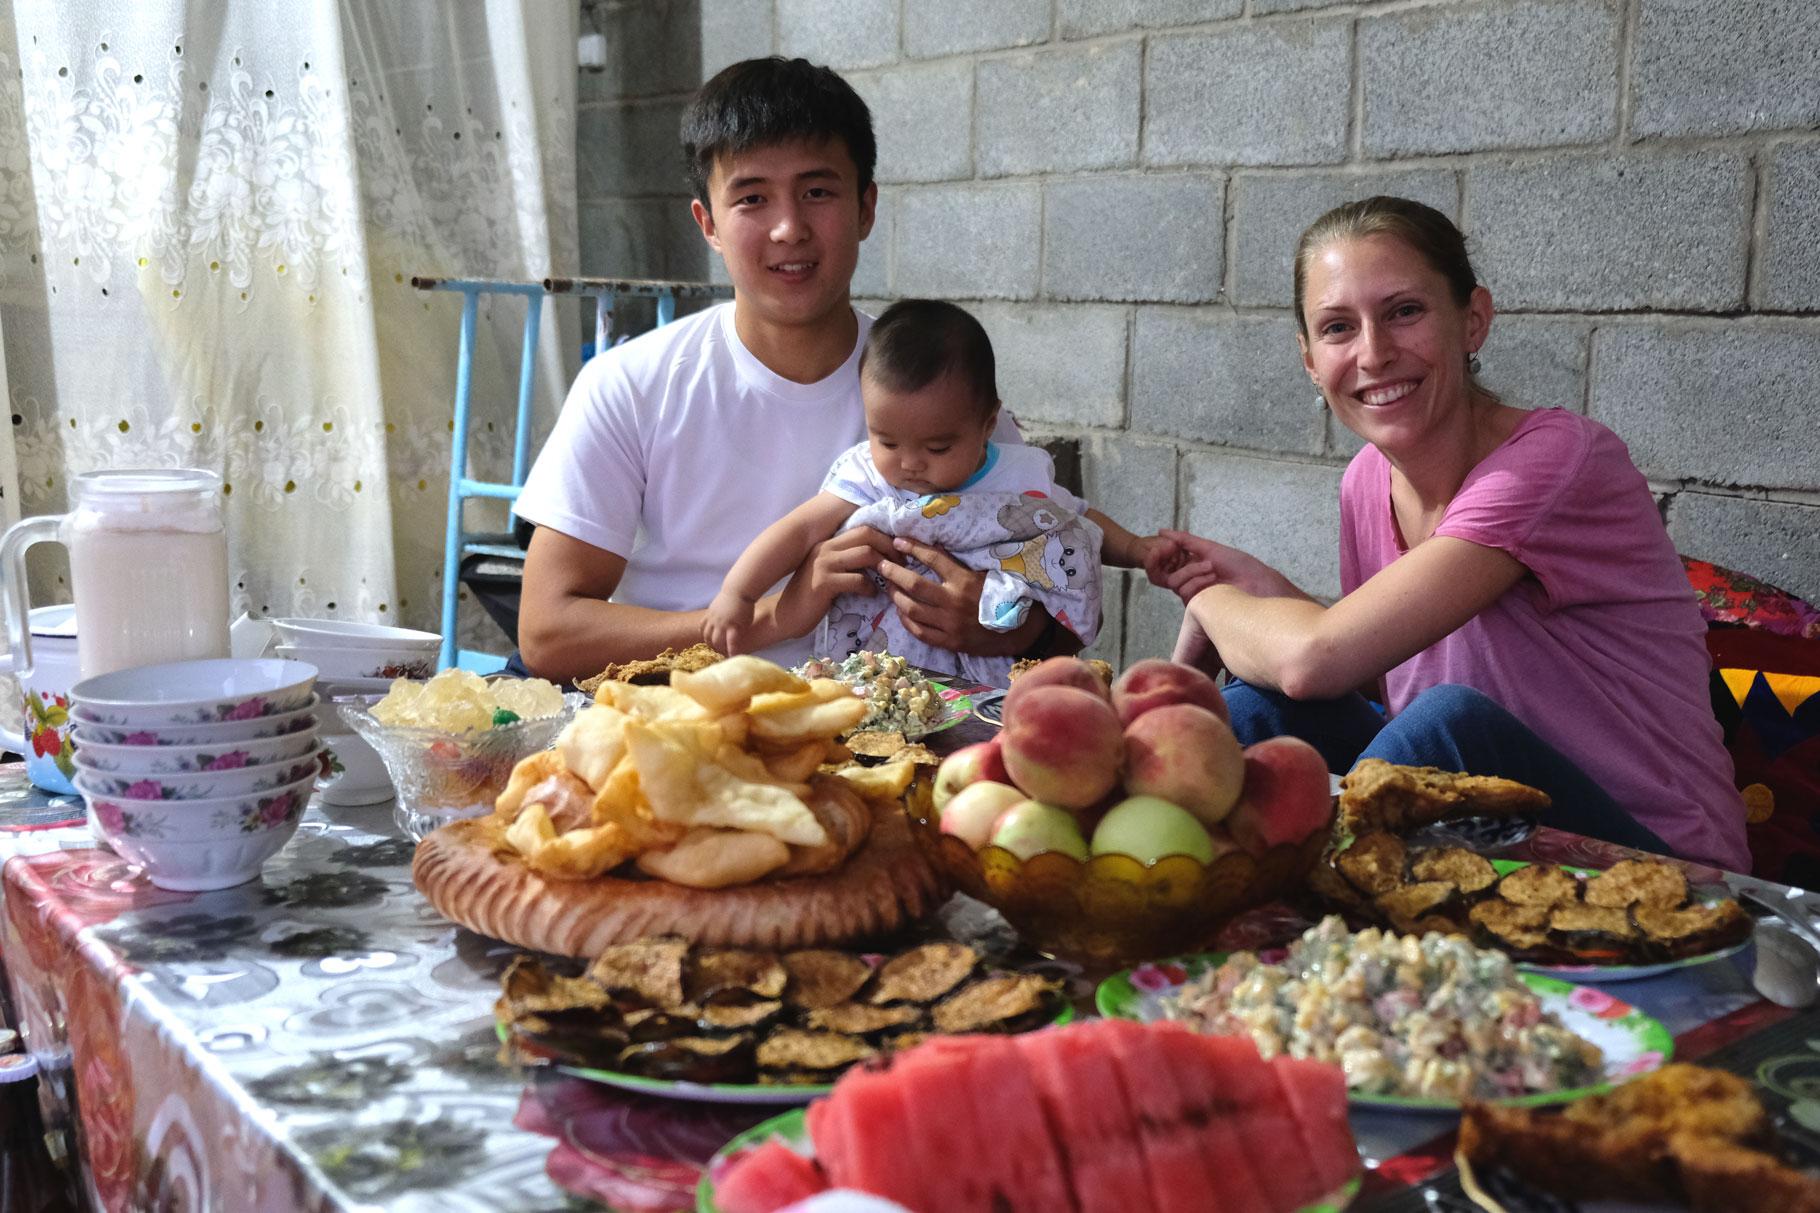 Zhumabai lädt uns zu sich nach Hause ein. Gemeinsam mit seinem kleinen Neffen und seiner Familie haben wir einen sehr schönen Abend bei diversen überaus leckeren Speisen!